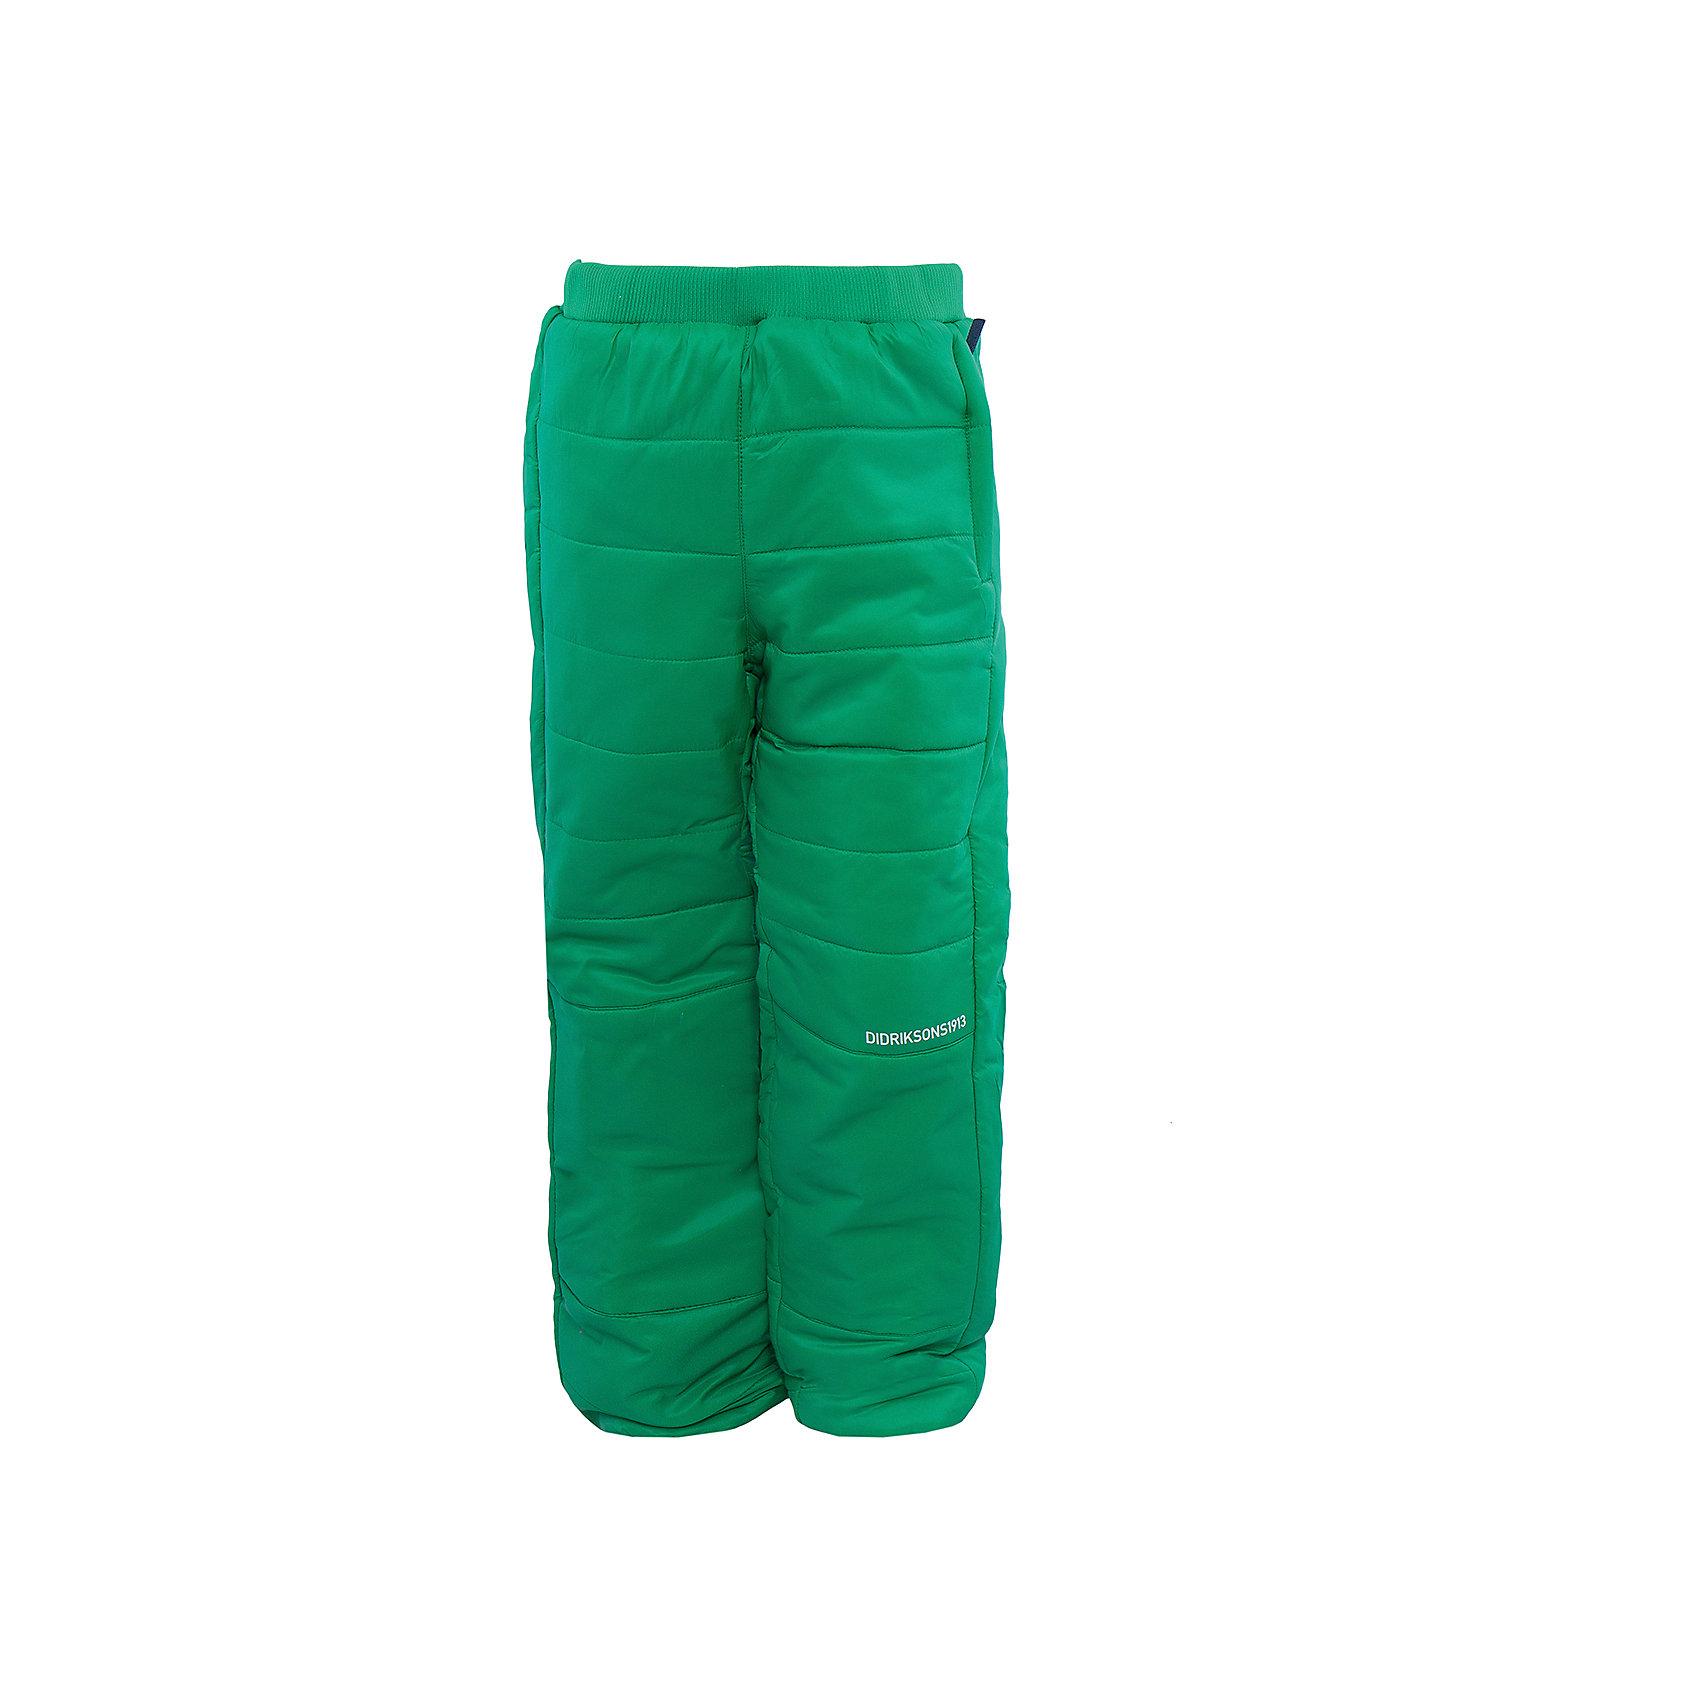 Брюки Kilpa DIDRIKSONSВерхняя одежда<br>Характеристики товара:<br><br>• цвет: зеленый<br>• материал: 100% полиэстер, подкладка 100% полиэстер<br>• стеганые<br>• температурный режим от +5 до +20, можно использовать в качестве поддёвы<br>• резинка на поясе<br>• можно надевать под одежду<br>• страна бренда: Швеция<br>• страна производства: Китай<br><br>Такие стеганые брюки сейчас очень популярны у детей! Это не только стильно, но еще и очень комфортно, а также тепло. Качественные брюки обеспечат ребенку удобство при прогулках и активном отдыхе в прохладные дне, в межсезонье или зимой. Такая модель от шведского производителя легко стирается, подходит под разные погодные условия.<br>Модель сшита из качественной ткани, дополнена мягкой широкой резинкой на поясе. Очень стильная и удобная модель! Изделие качественно выполнено, сделано из безопасных для детей материалов. <br><br>Брюки от бренда DIDRIKSONS можно купить в нашем интернет-магазине.<br><br>Ширина мм: 215<br>Глубина мм: 88<br>Высота мм: 191<br>Вес г: 336<br>Цвет: зеленый<br>Возраст от месяцев: 12<br>Возраст до месяцев: 15<br>Пол: Унисекс<br>Возраст: Детский<br>Размер: 80,140,130,120,110,100,90<br>SKU: 5003987